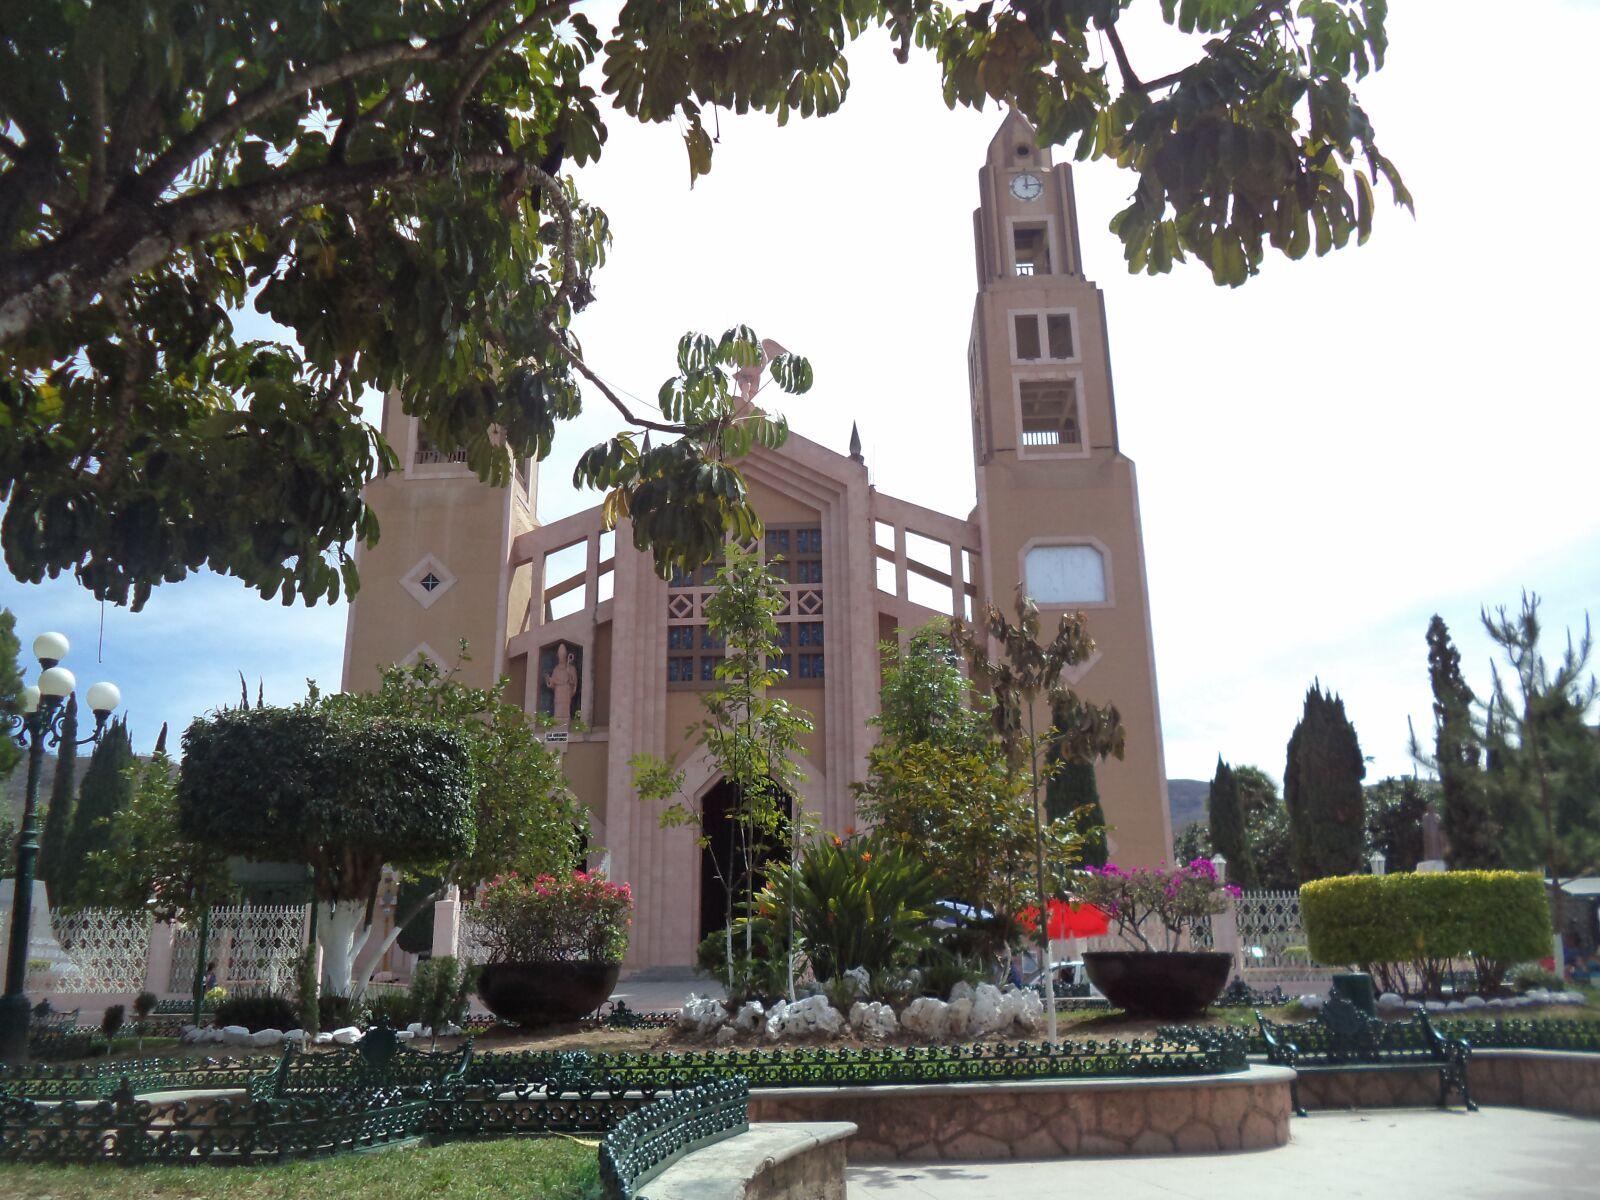 temple, church, architecture